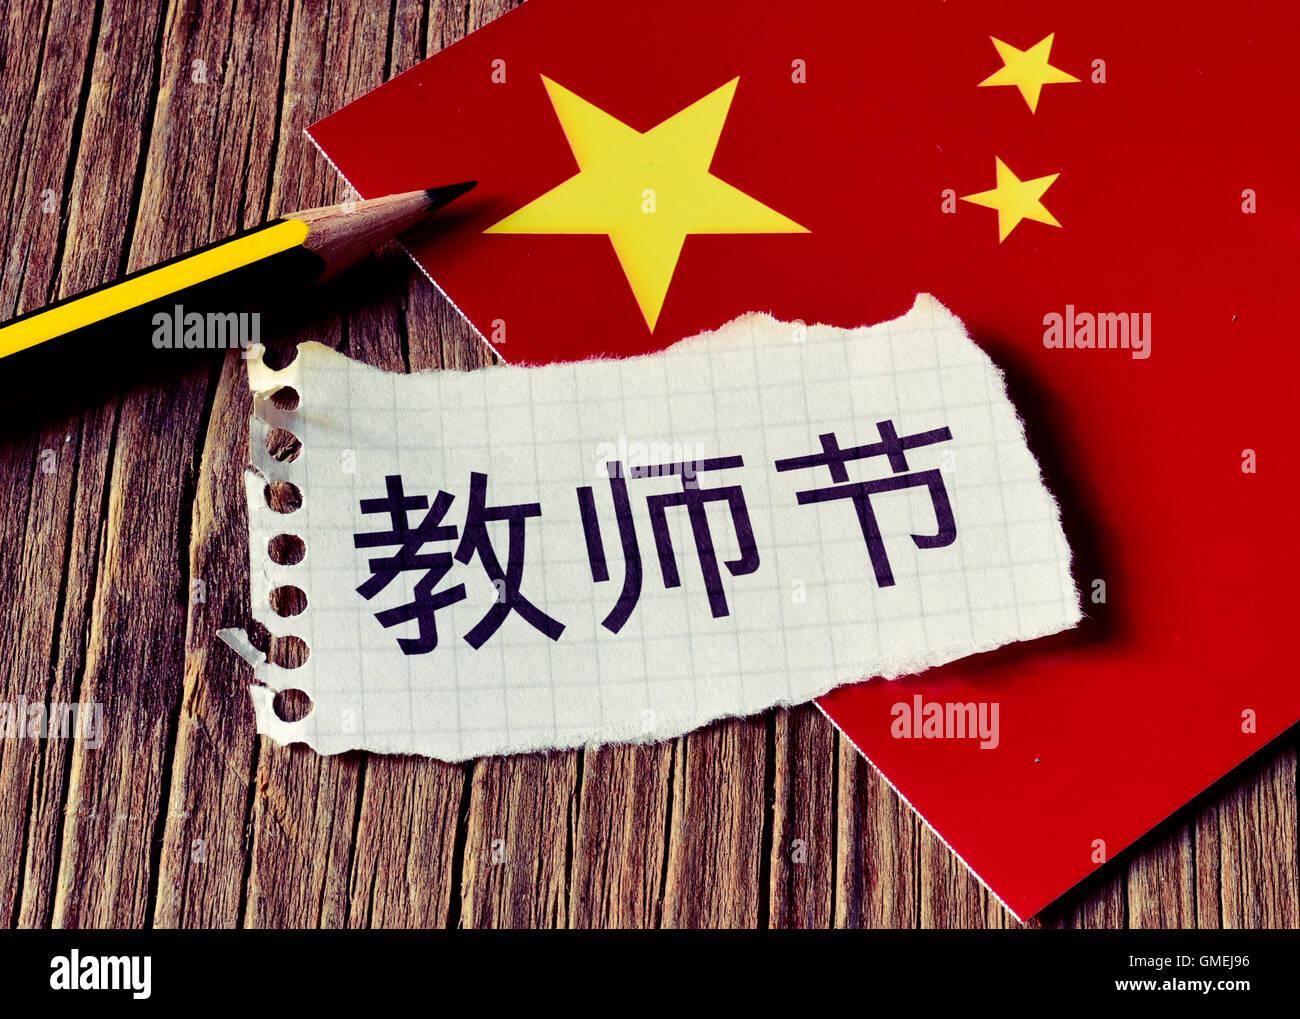 Nahaufnahme von ein Stück Papier mit dem Text Teachers Day in Chinesisch geschrieben, einen Bleistift und die Stockbild